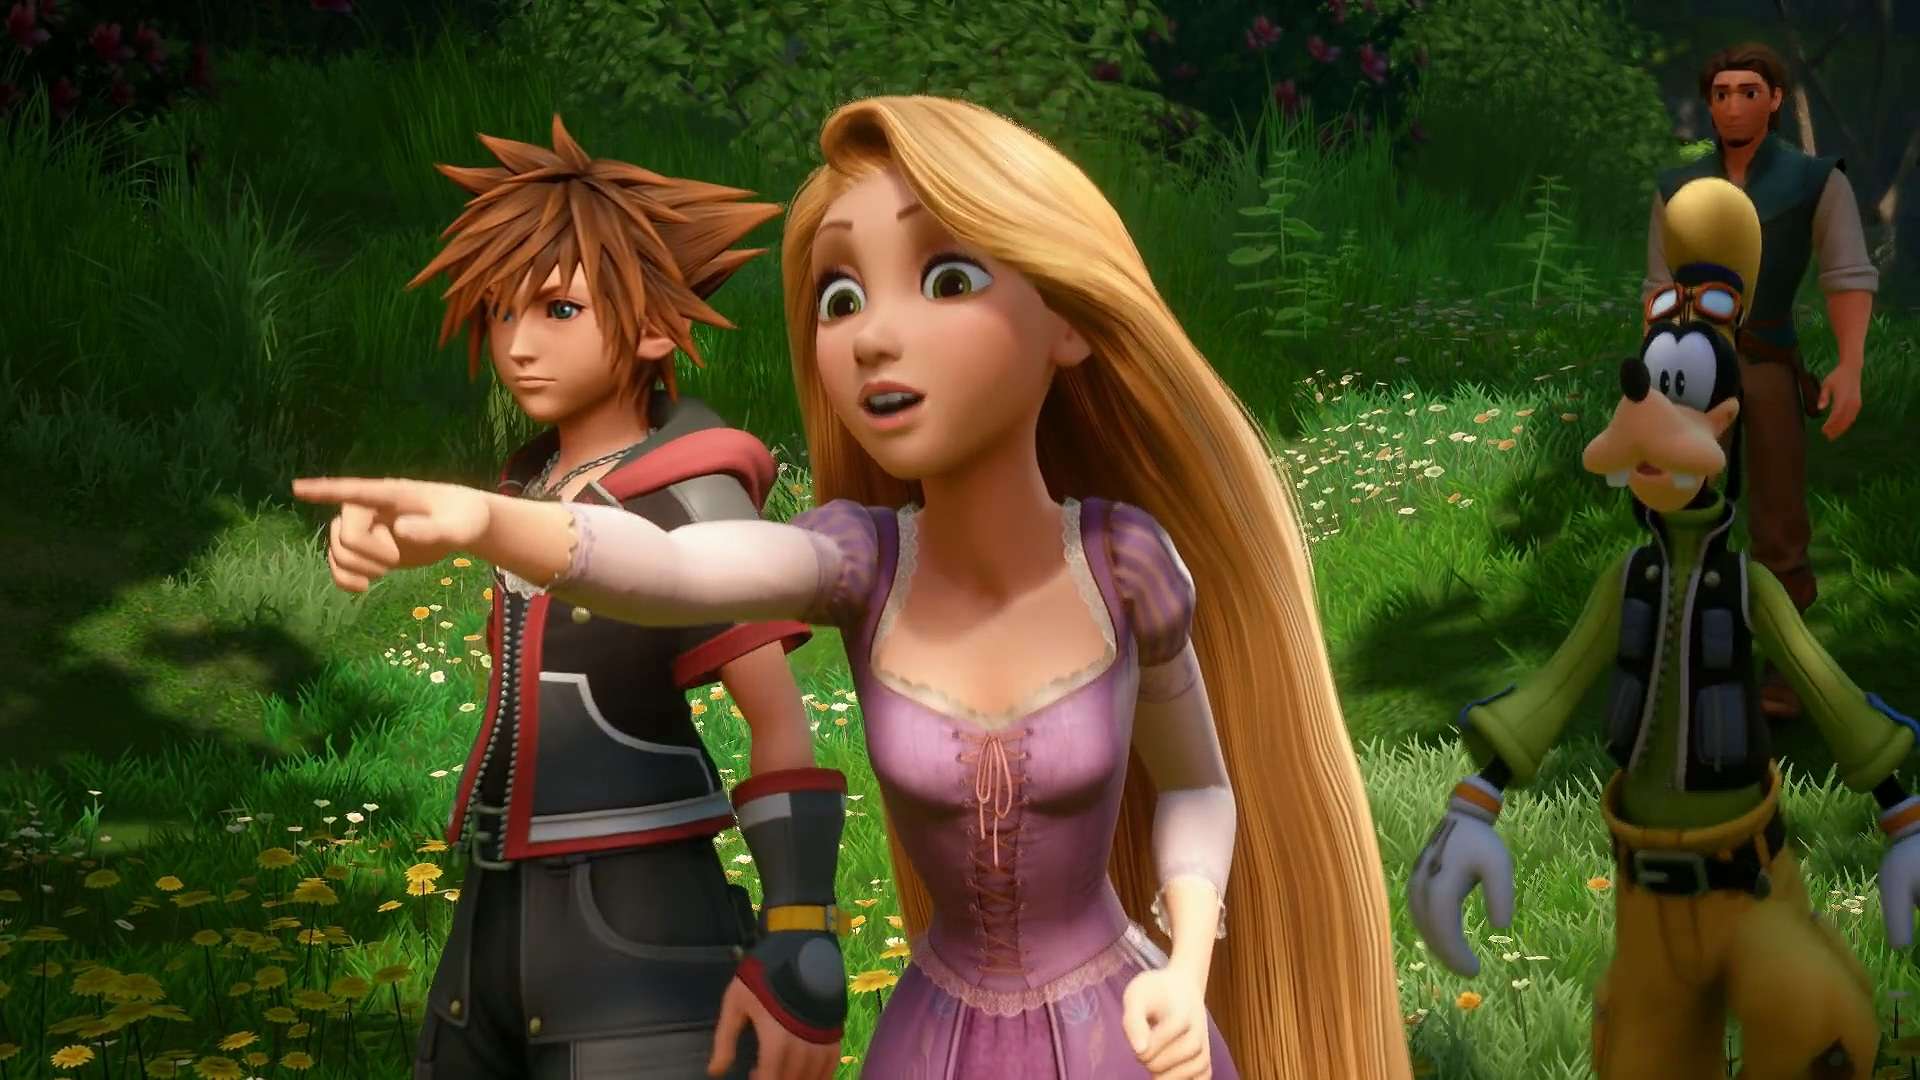 虚幻4加持美丽迪士尼世界《王国之心3》TGS加长版预告